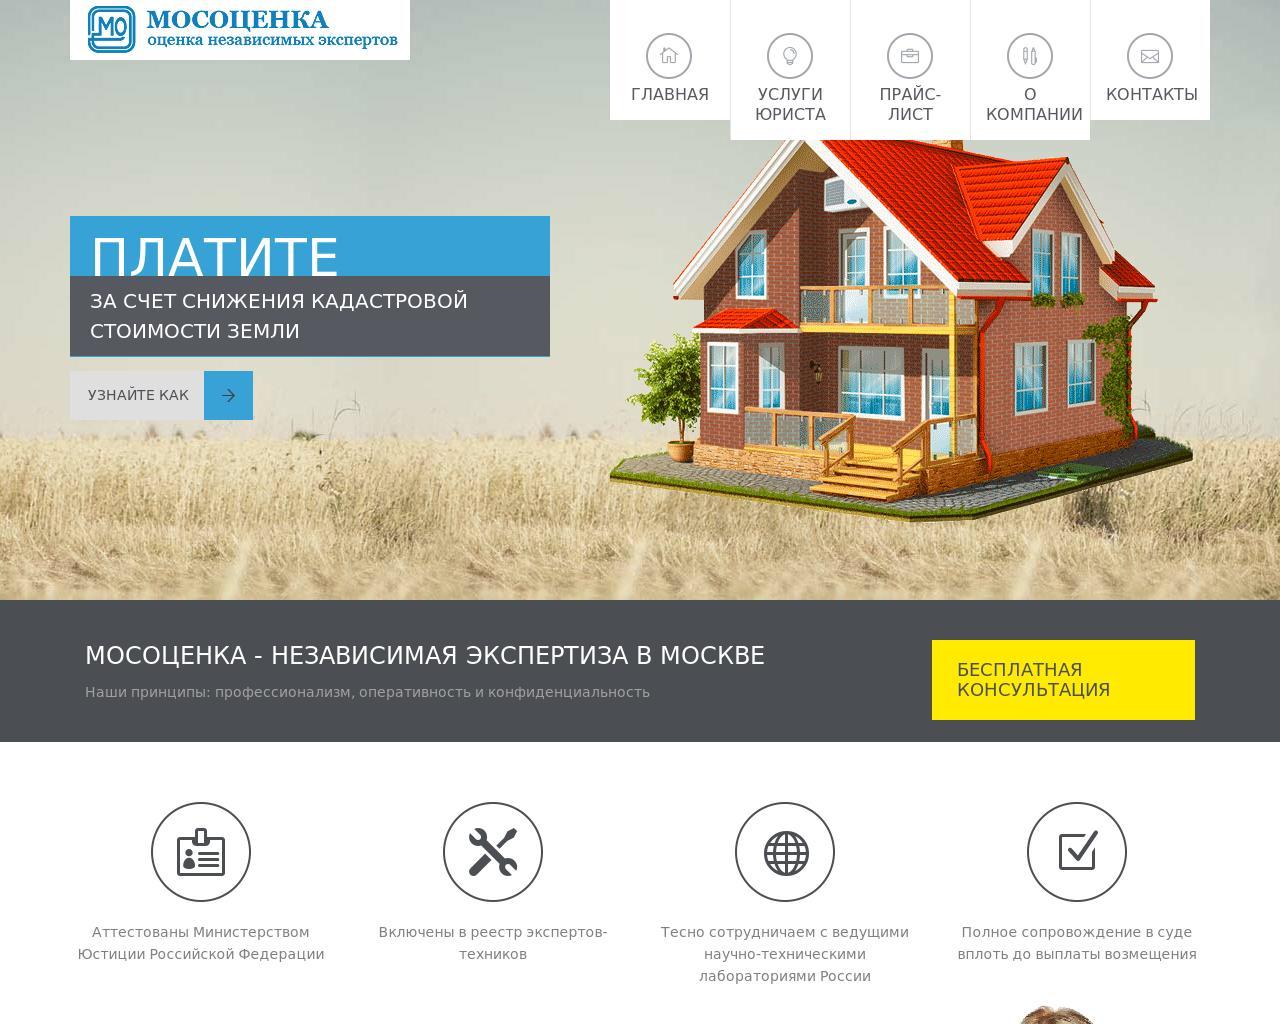 финансирование кинопроектов, курсы оценщика недвижимости москва неотложная медицинская помощь